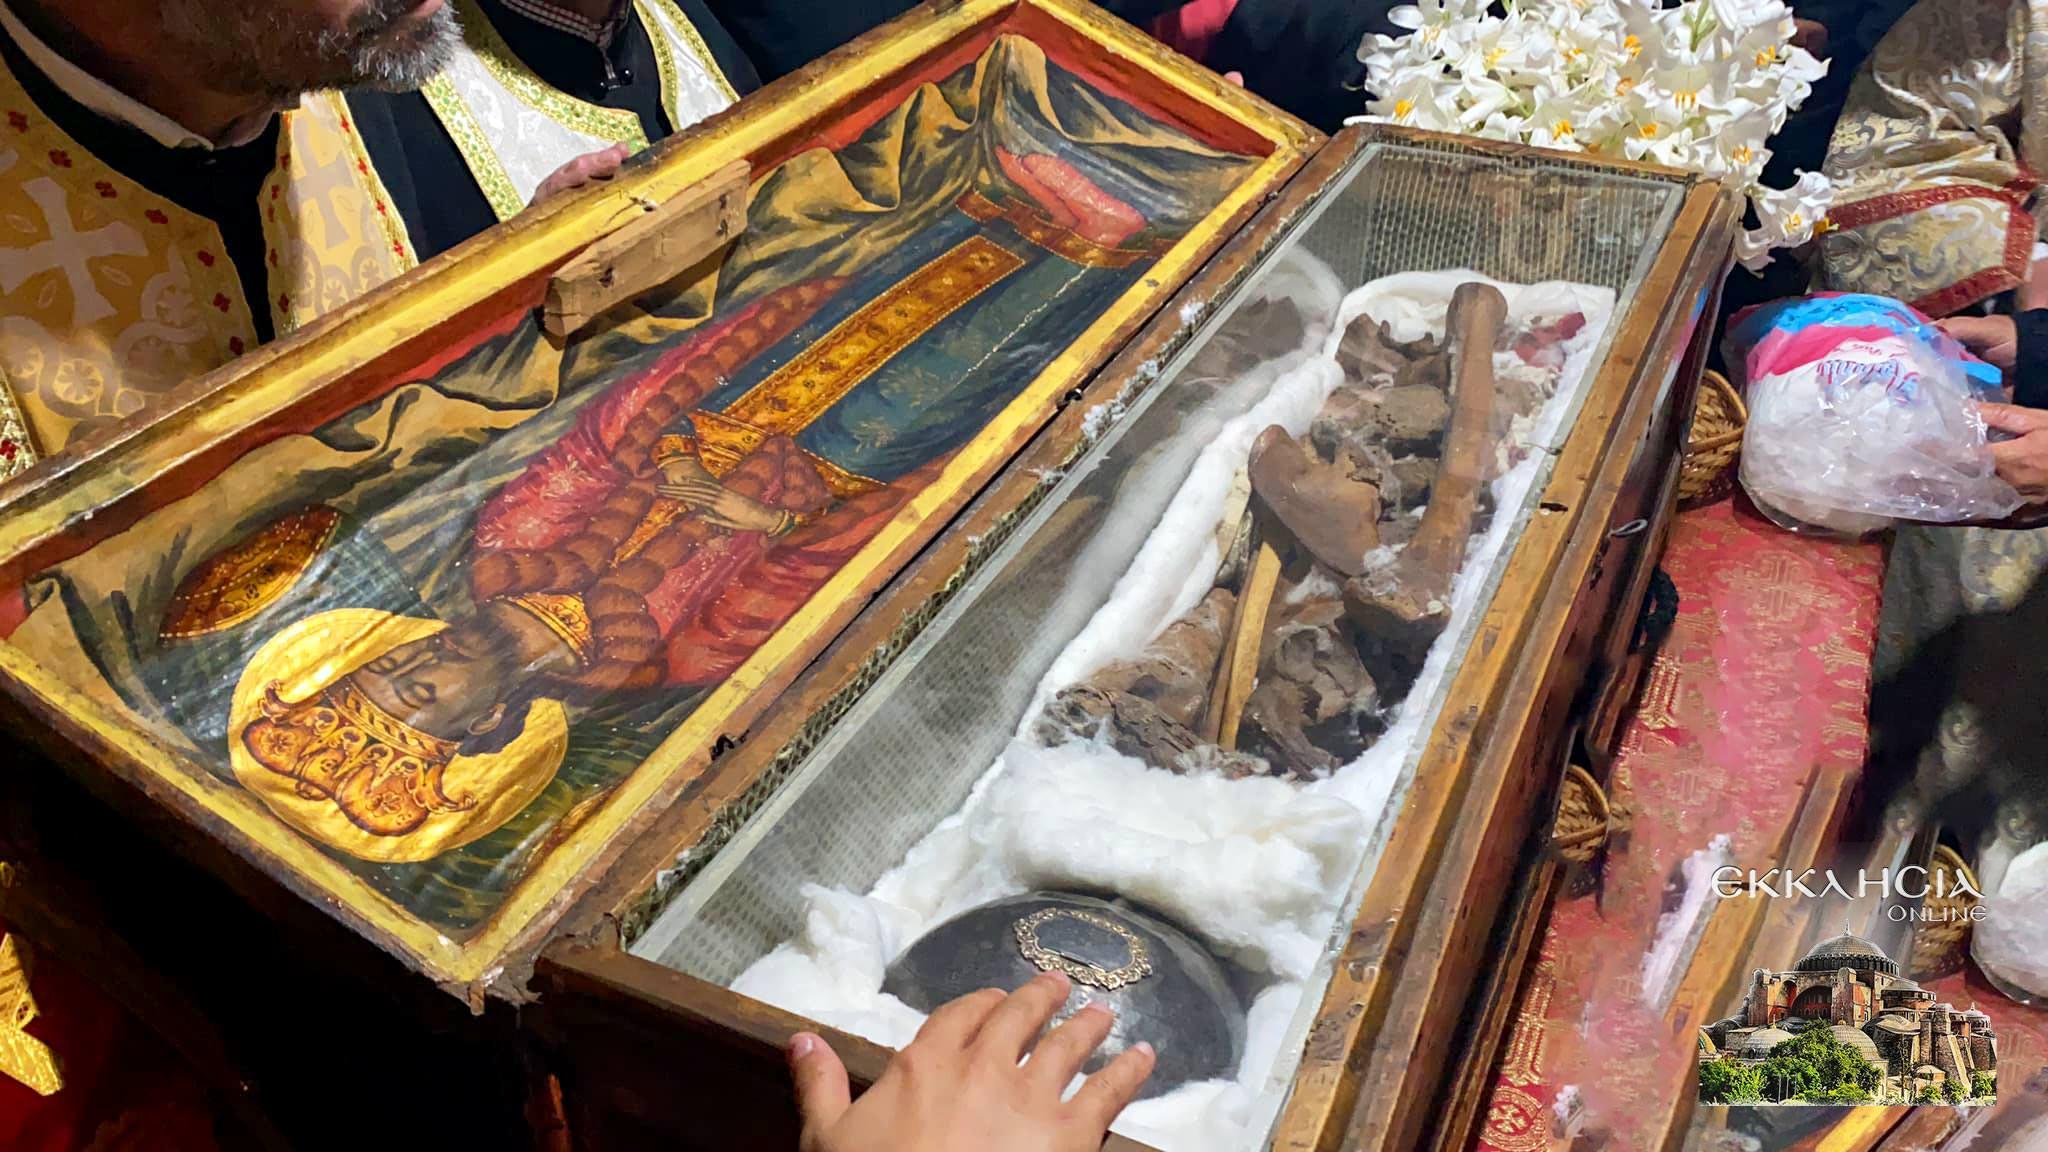 λείψανα του αγίου Ιωάννου του Βλαδιμήρου